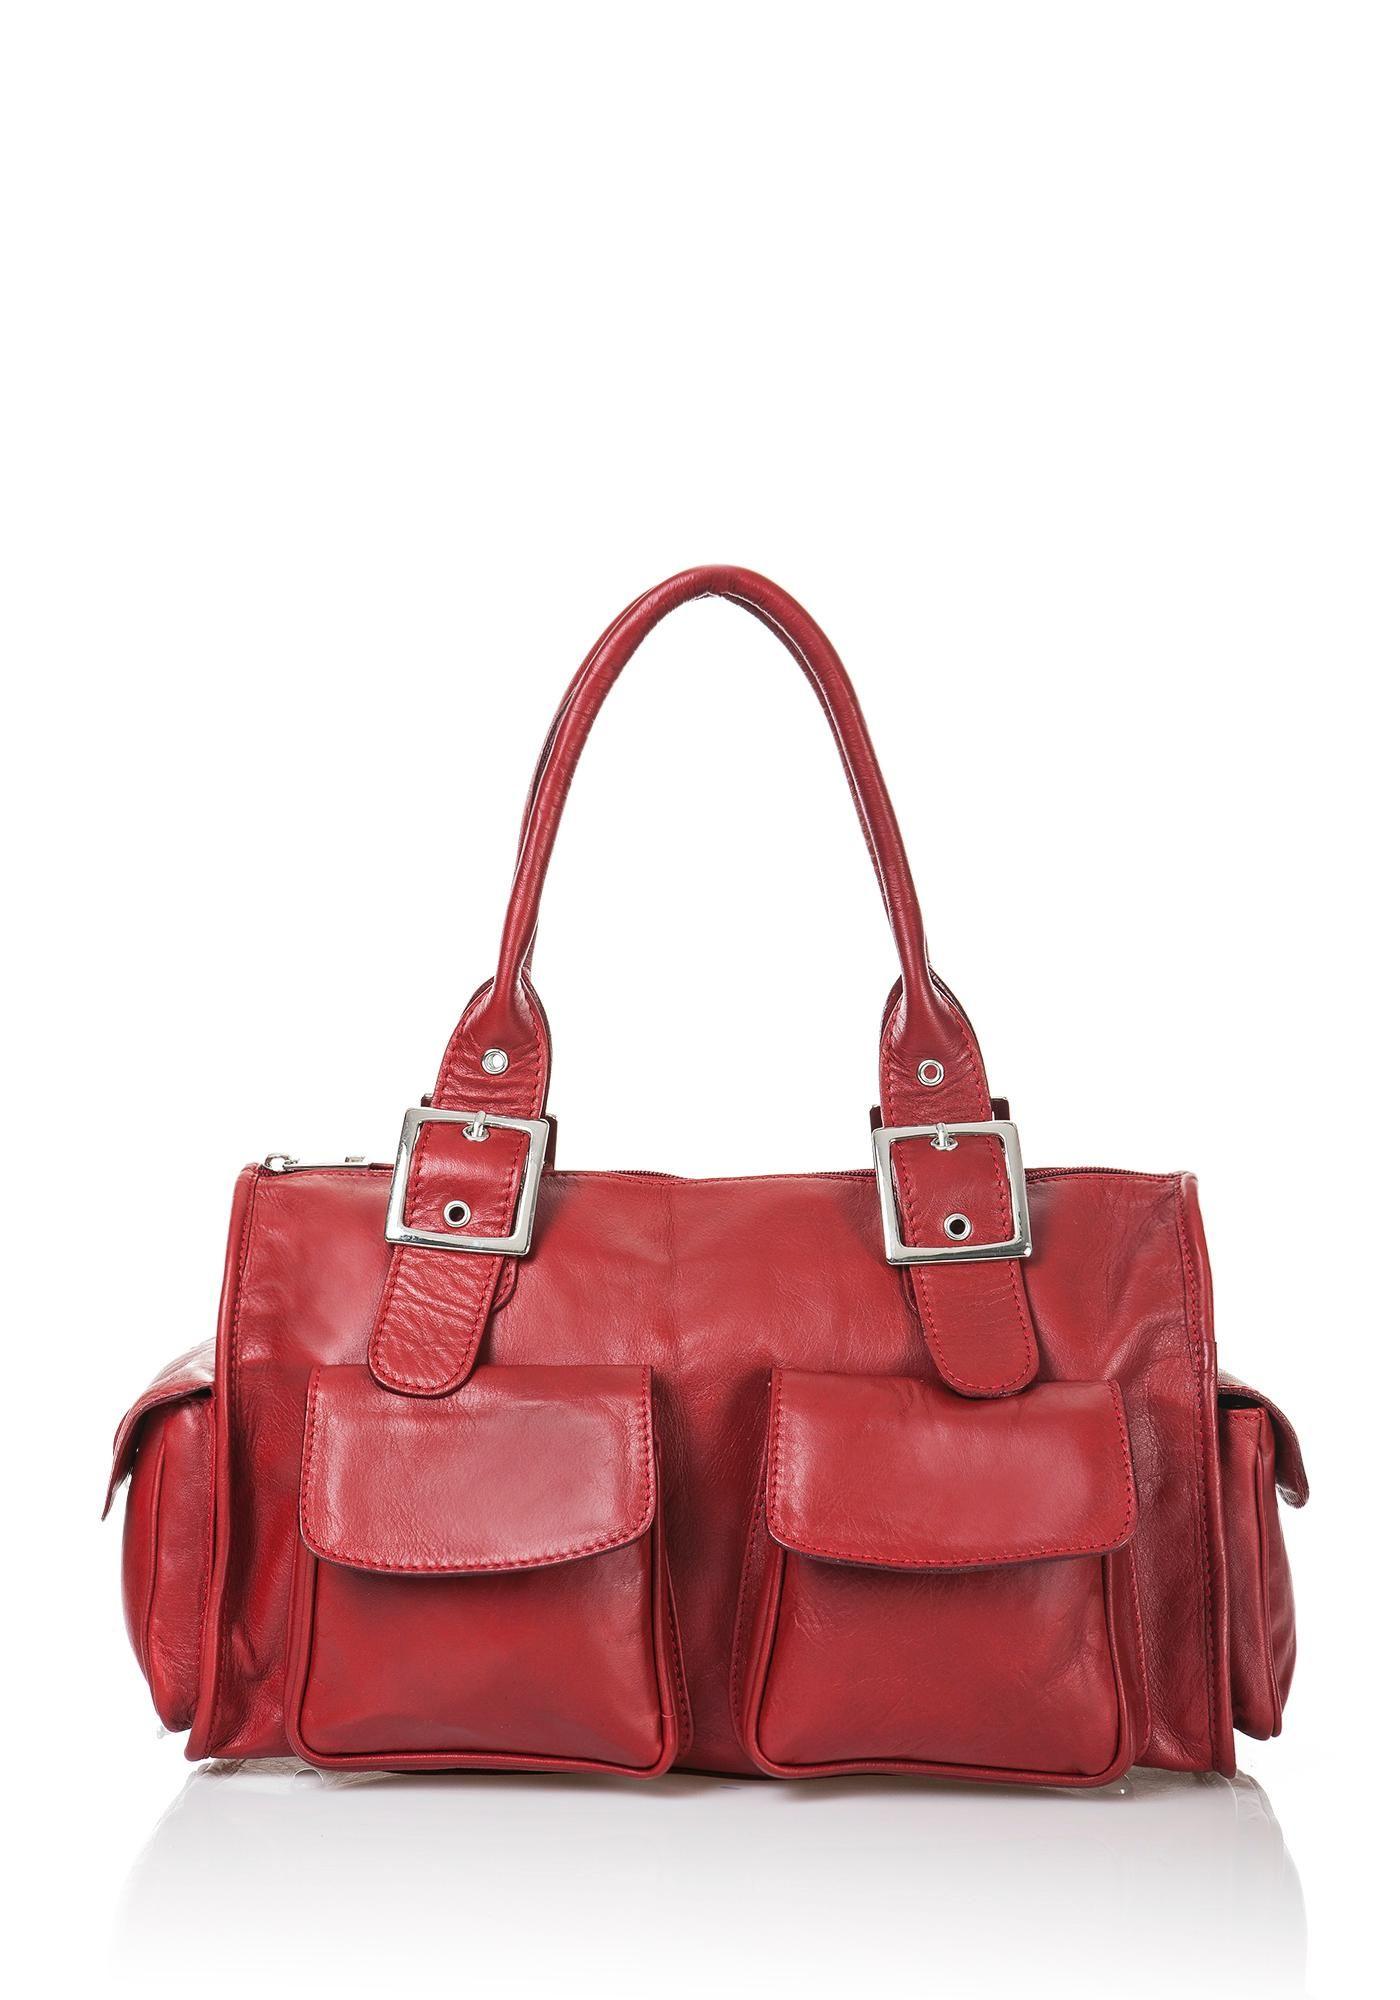 1853218a25 PROMO - 30% sur les Sacs à main cuir de Marque Lucy Ce sont des sacs  fabriqués en Italie !